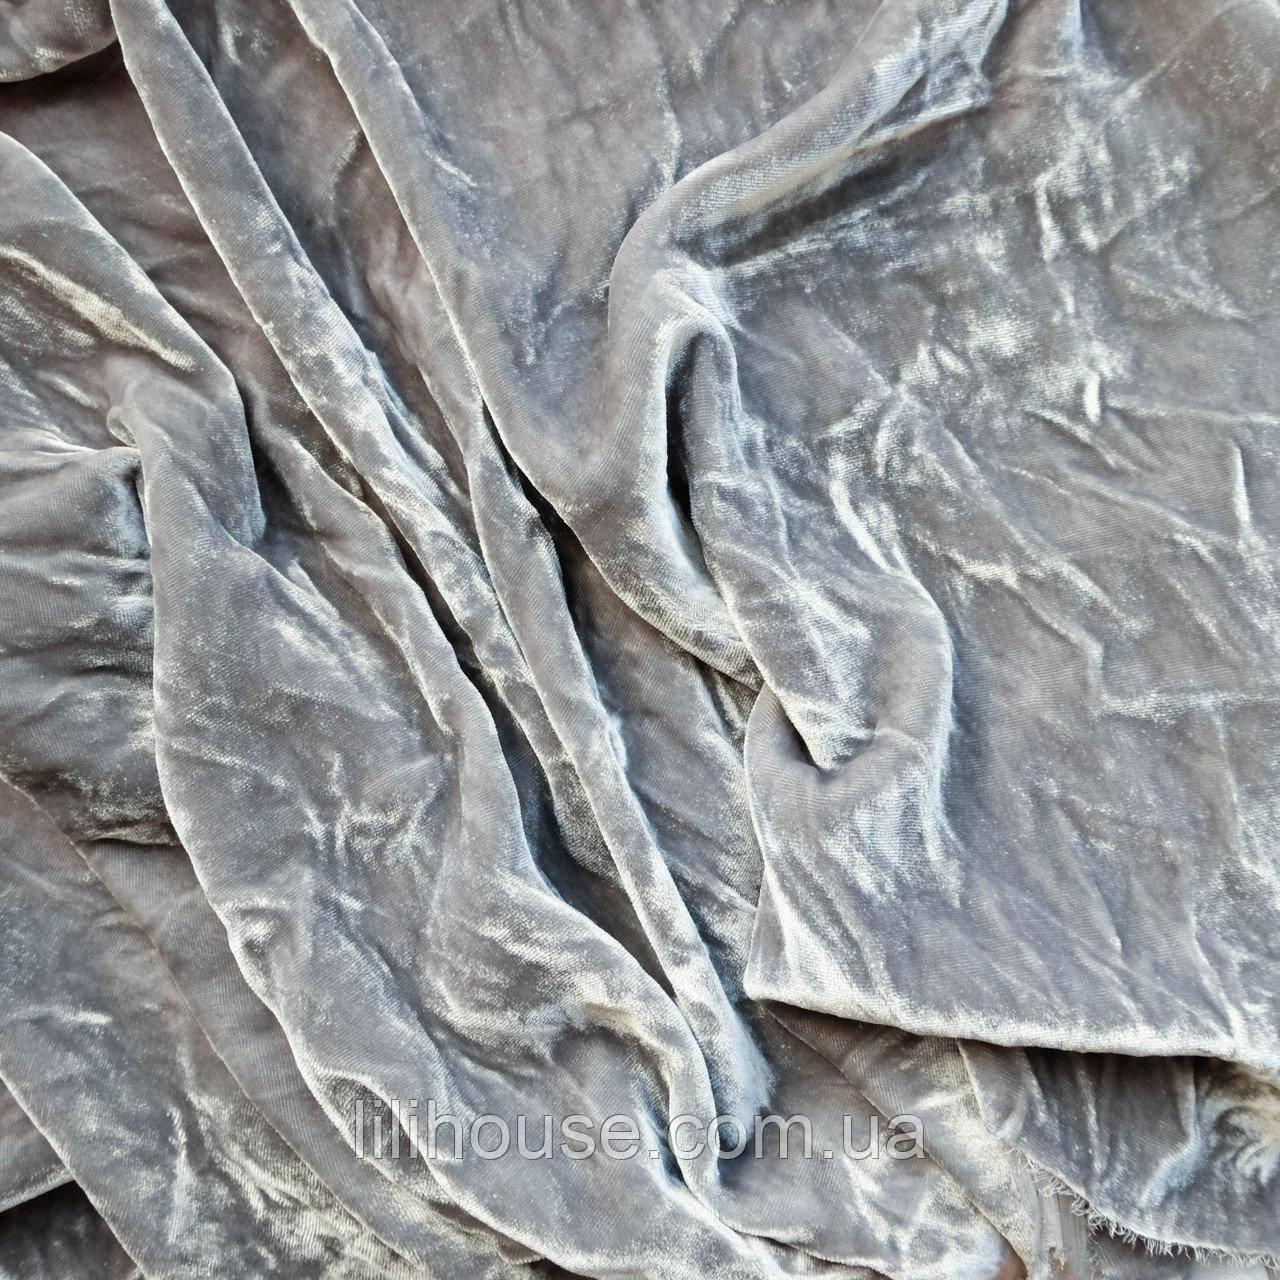 Бархат ШЕЛКОВЫЙ винтажный, основа для вышивки, светло серый - 25*35 см